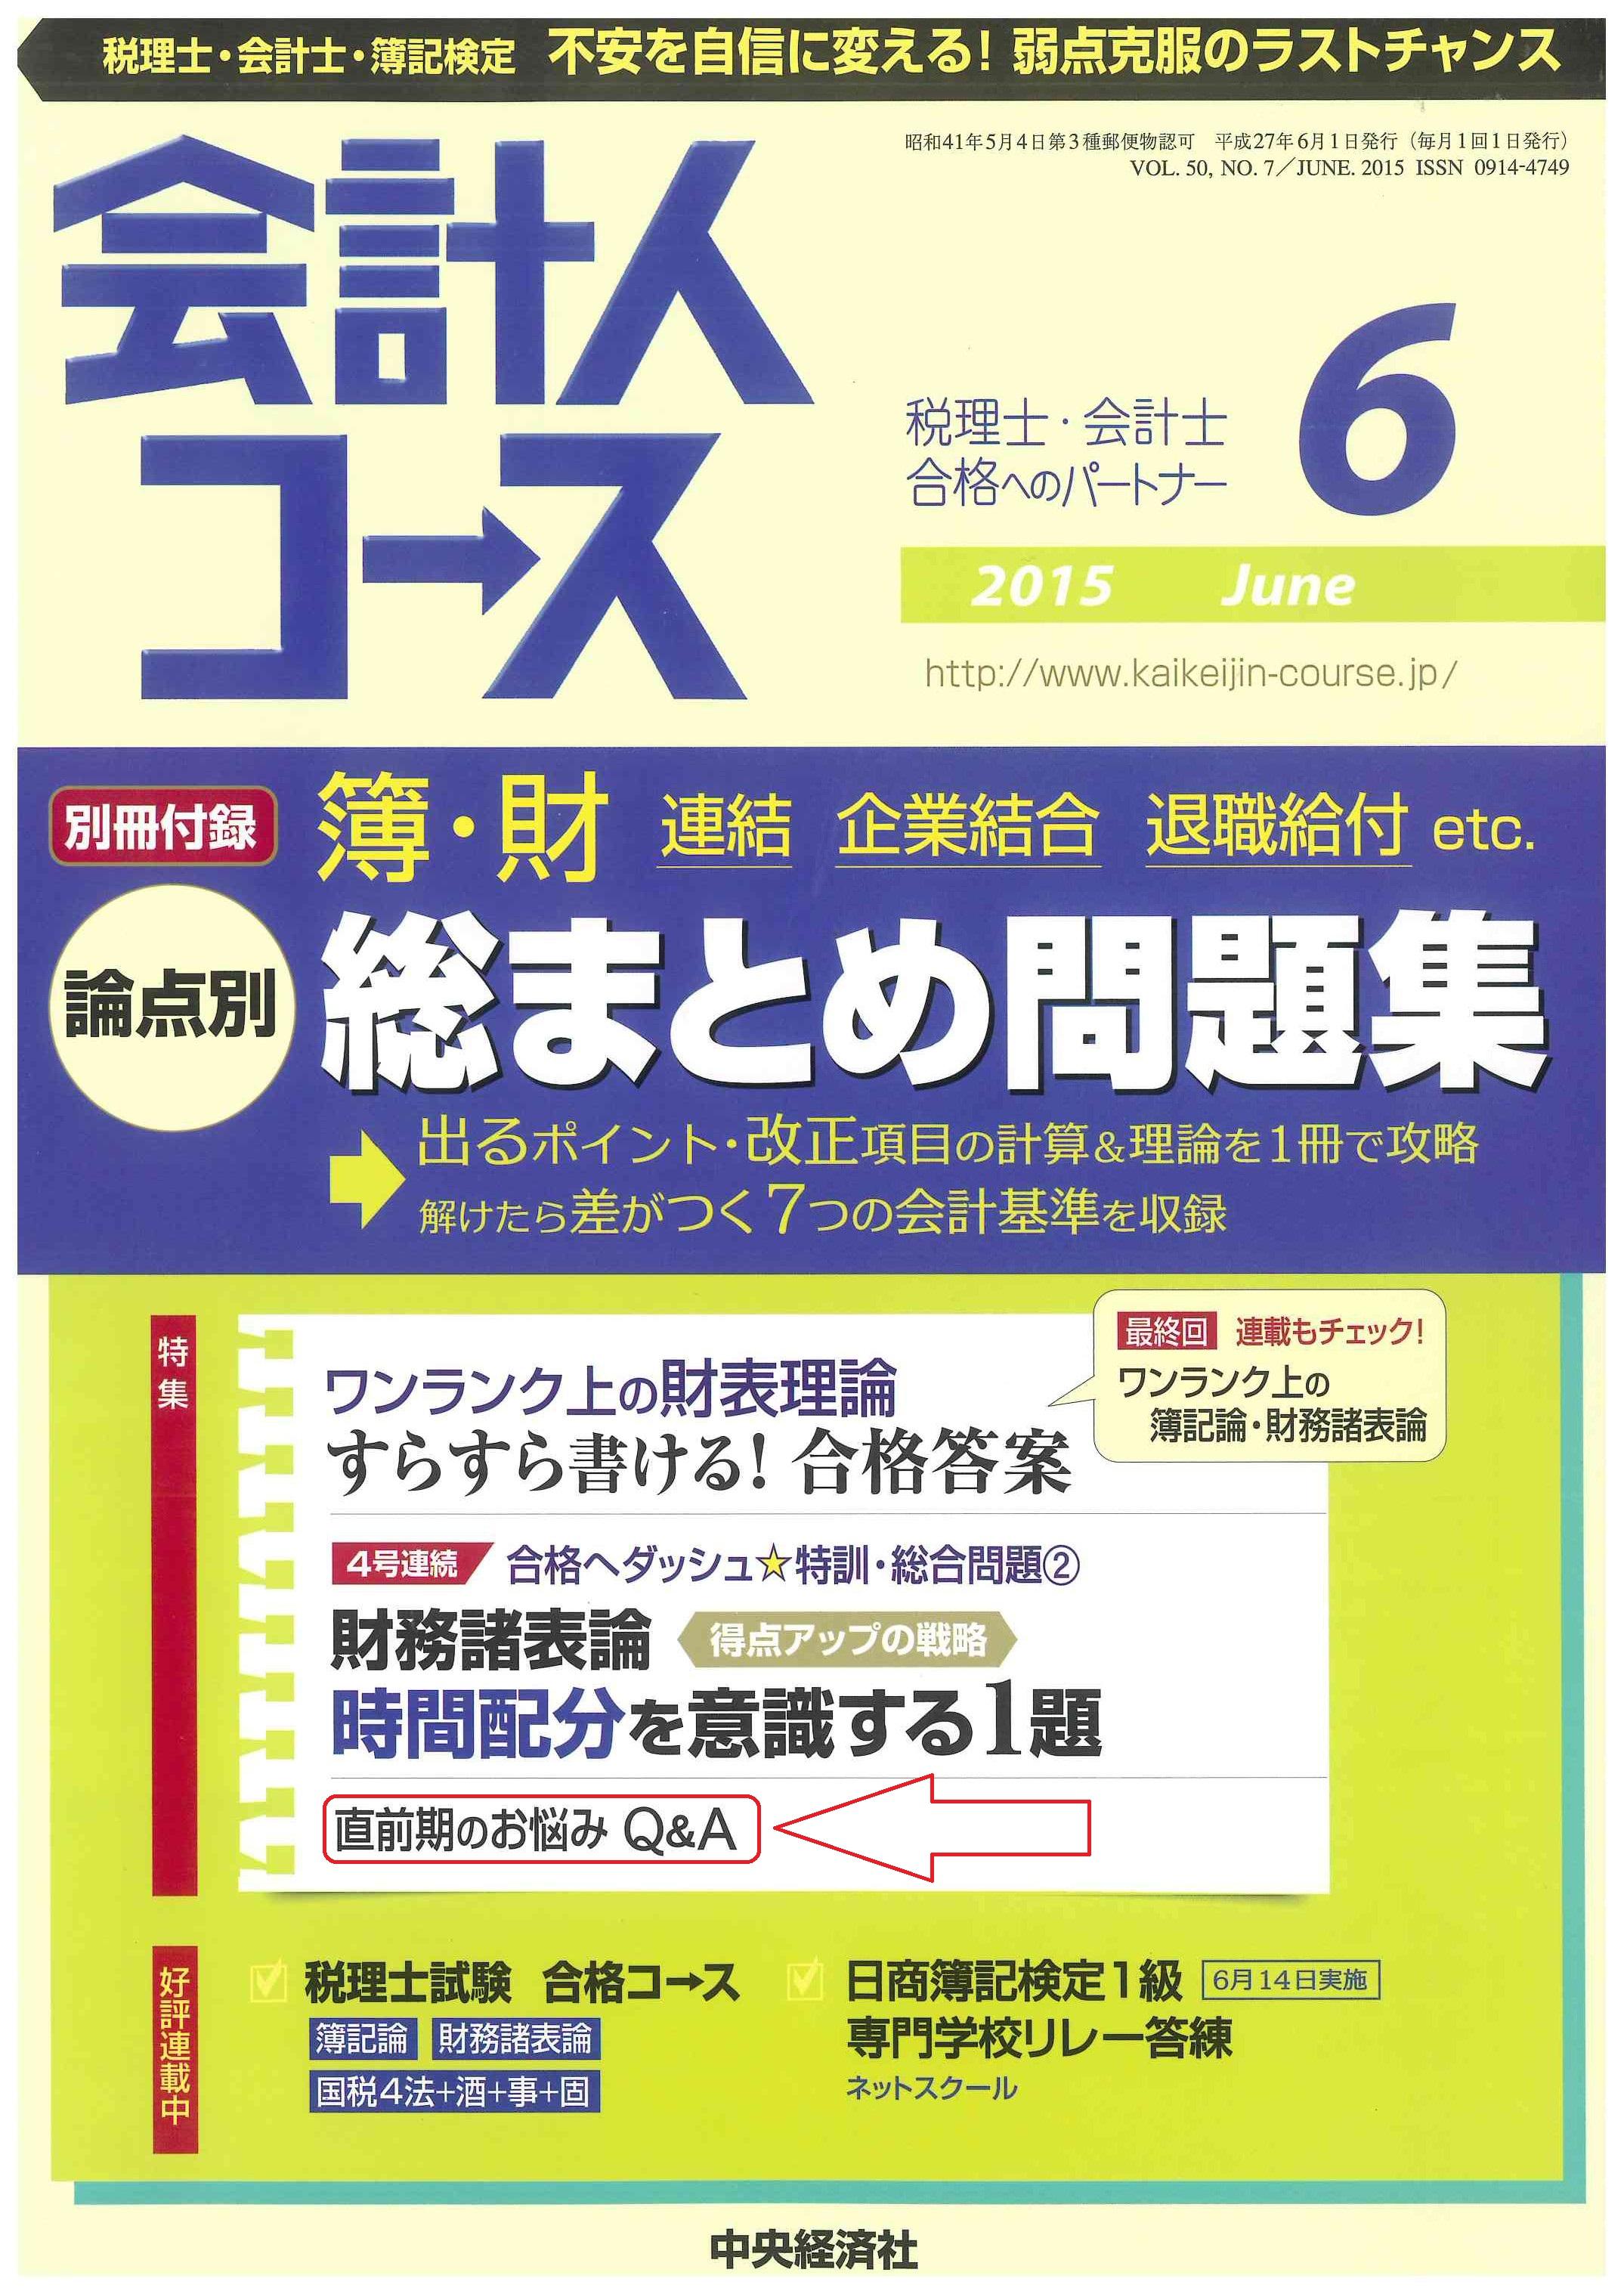 会計人コース(表紙)